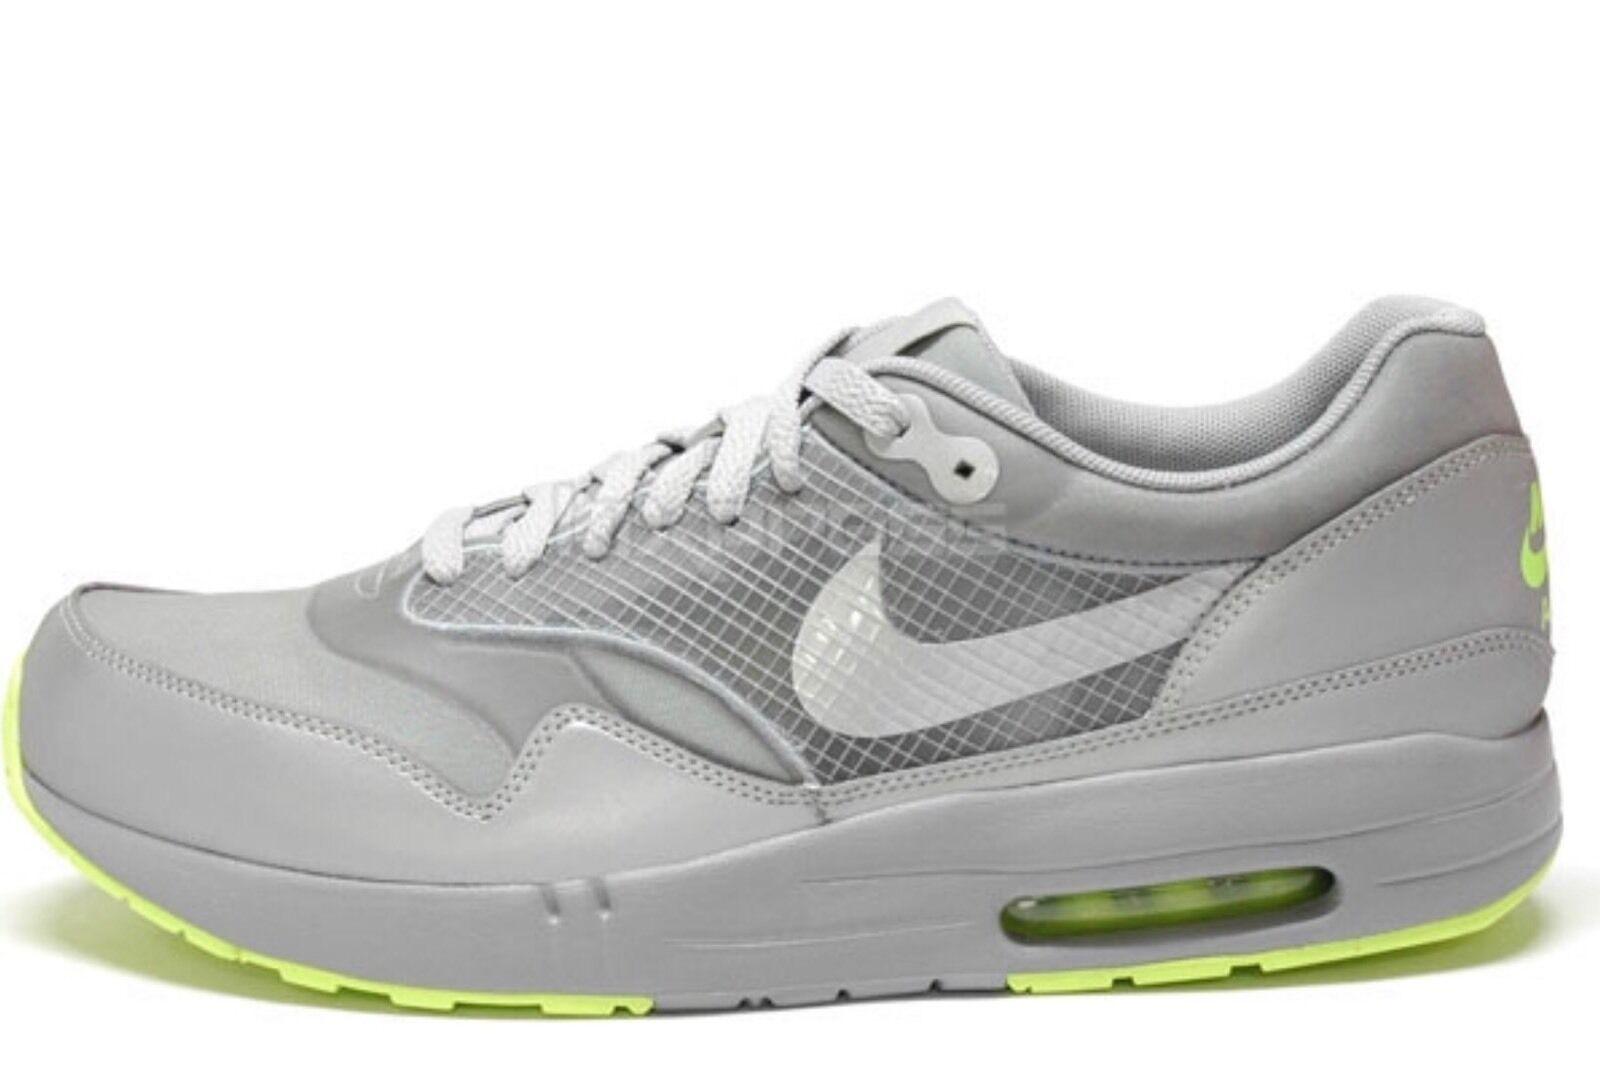 DS MENS Nike 366488 003 AIR MAXIM 1 + NOBOXLID SZ 7 FREE MAX AIR SHIP One I Zero